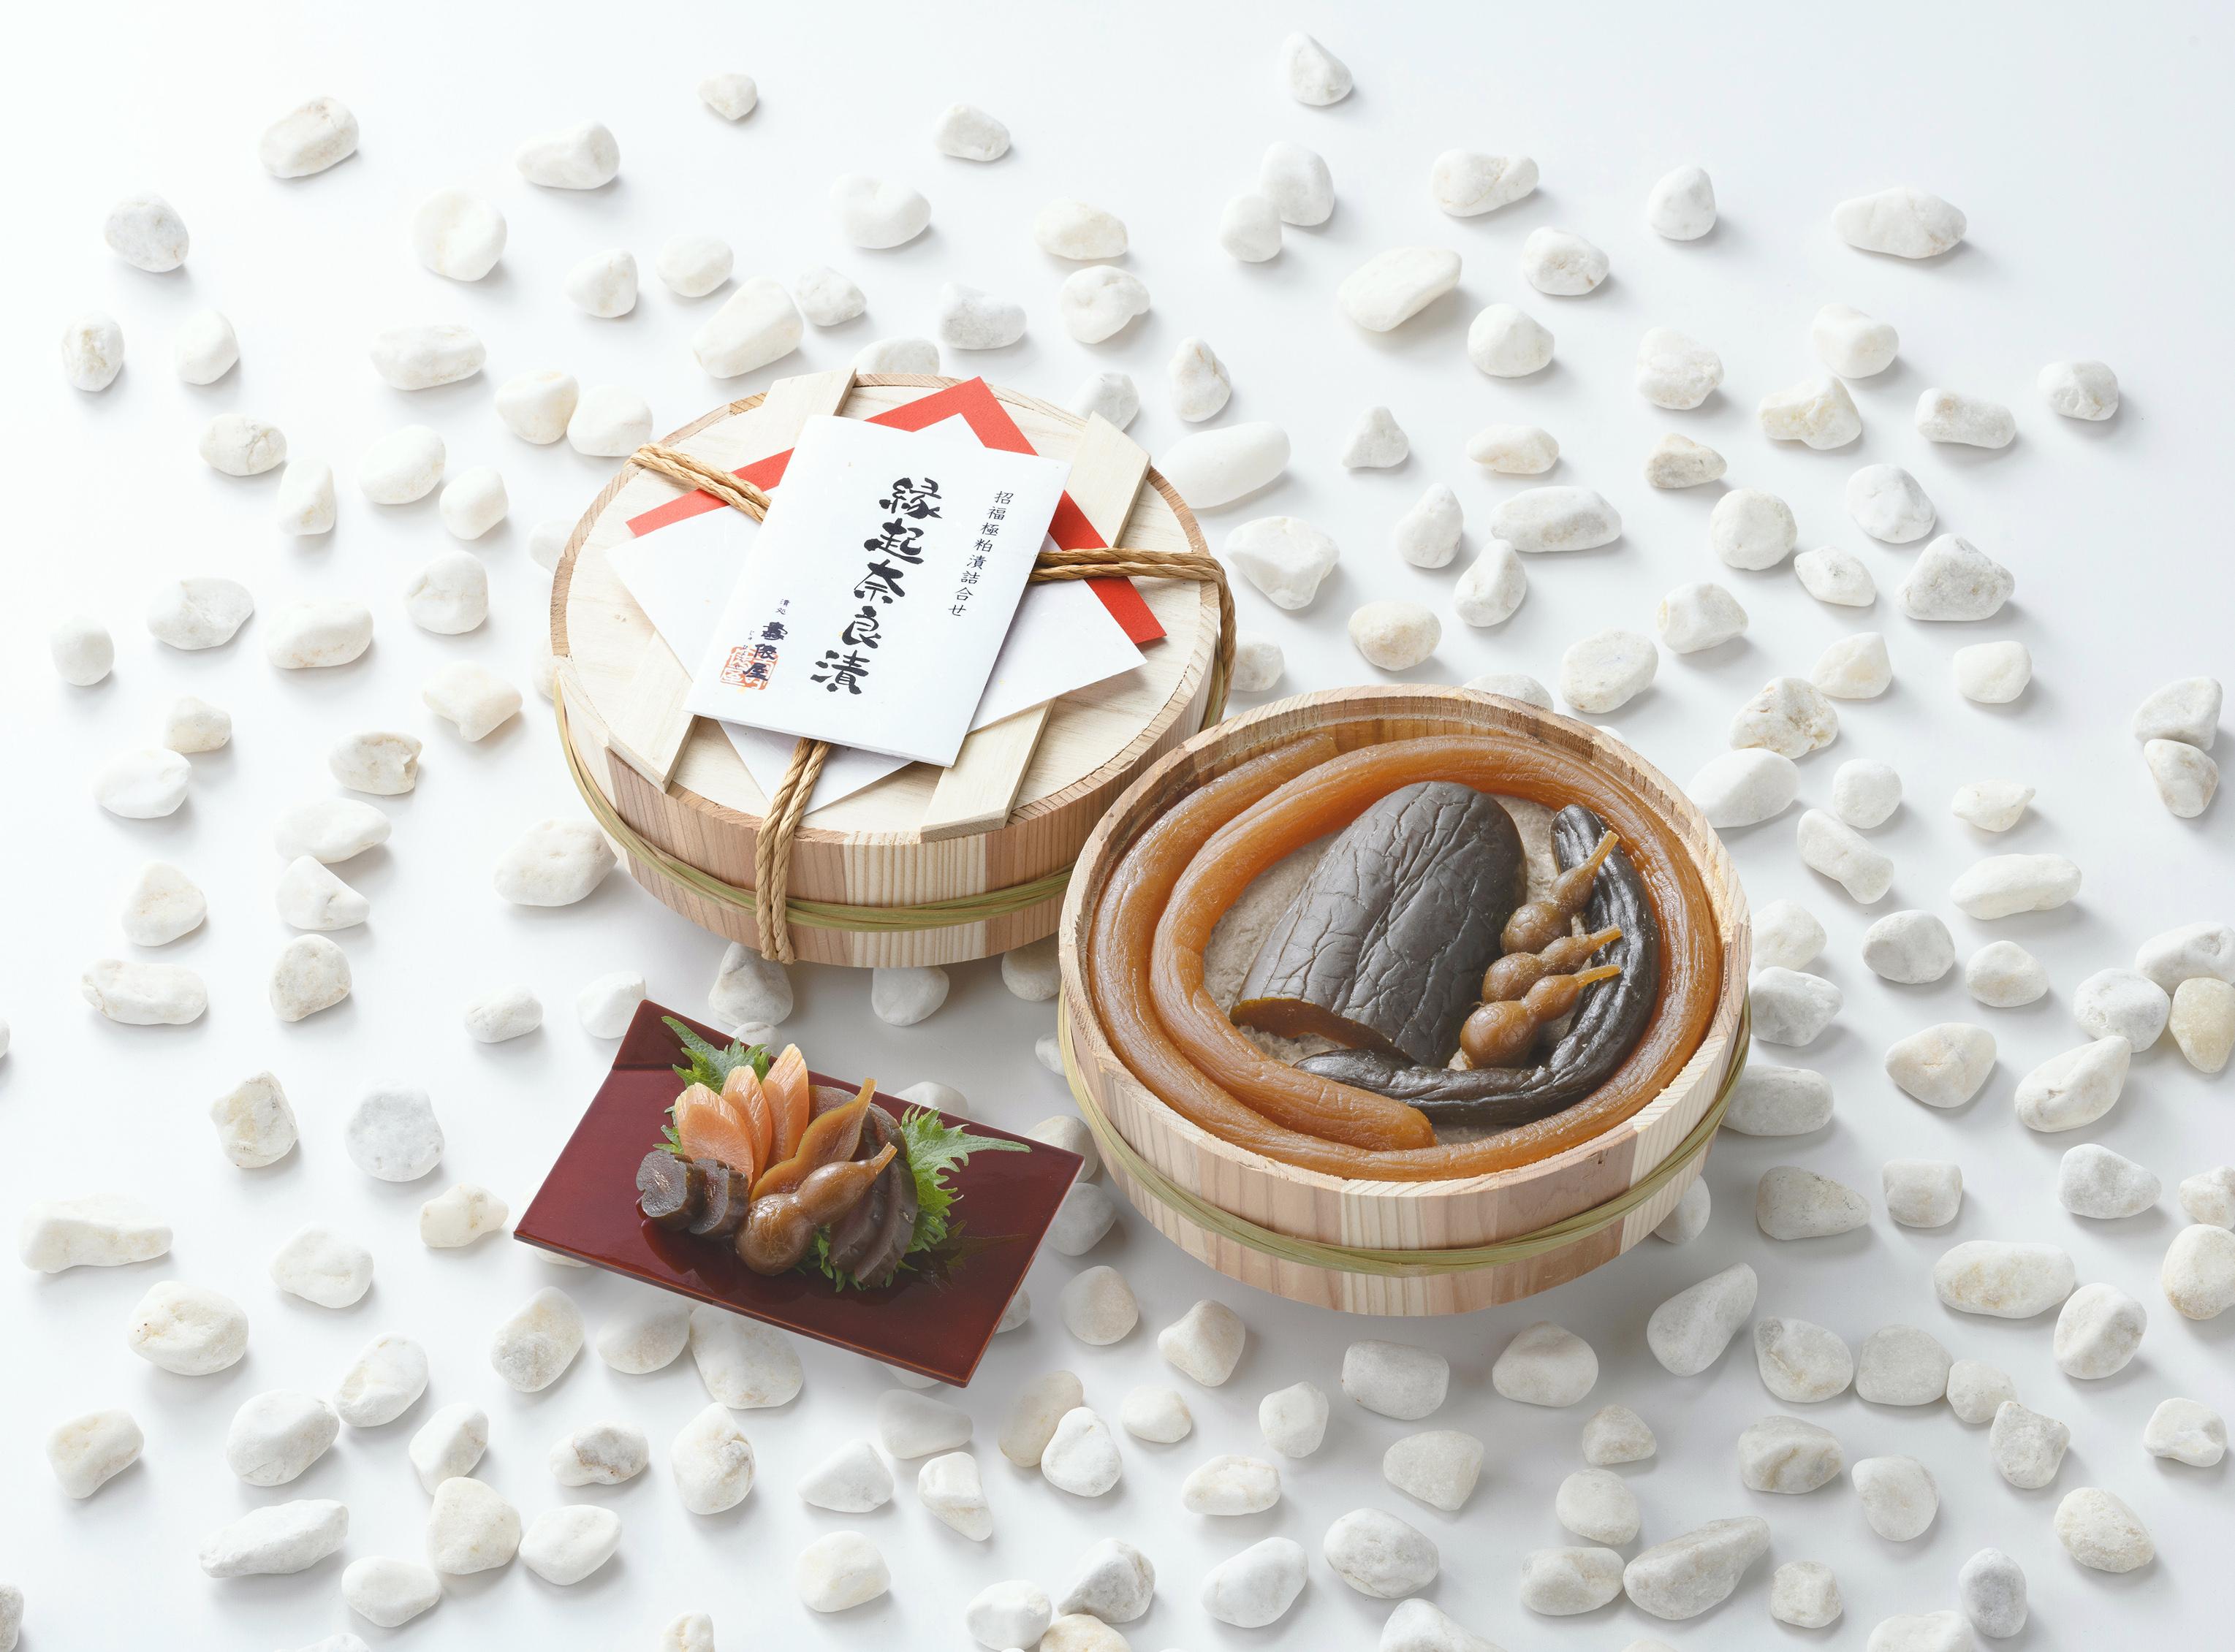 縁起 奈良漬 木樽30号 最上の漬物をもう一度特別調合した漬粕で仕上げた至高の米三仕込み 守口漬とうり、きゅうり、ひょうたん奈良漬の詰合せ